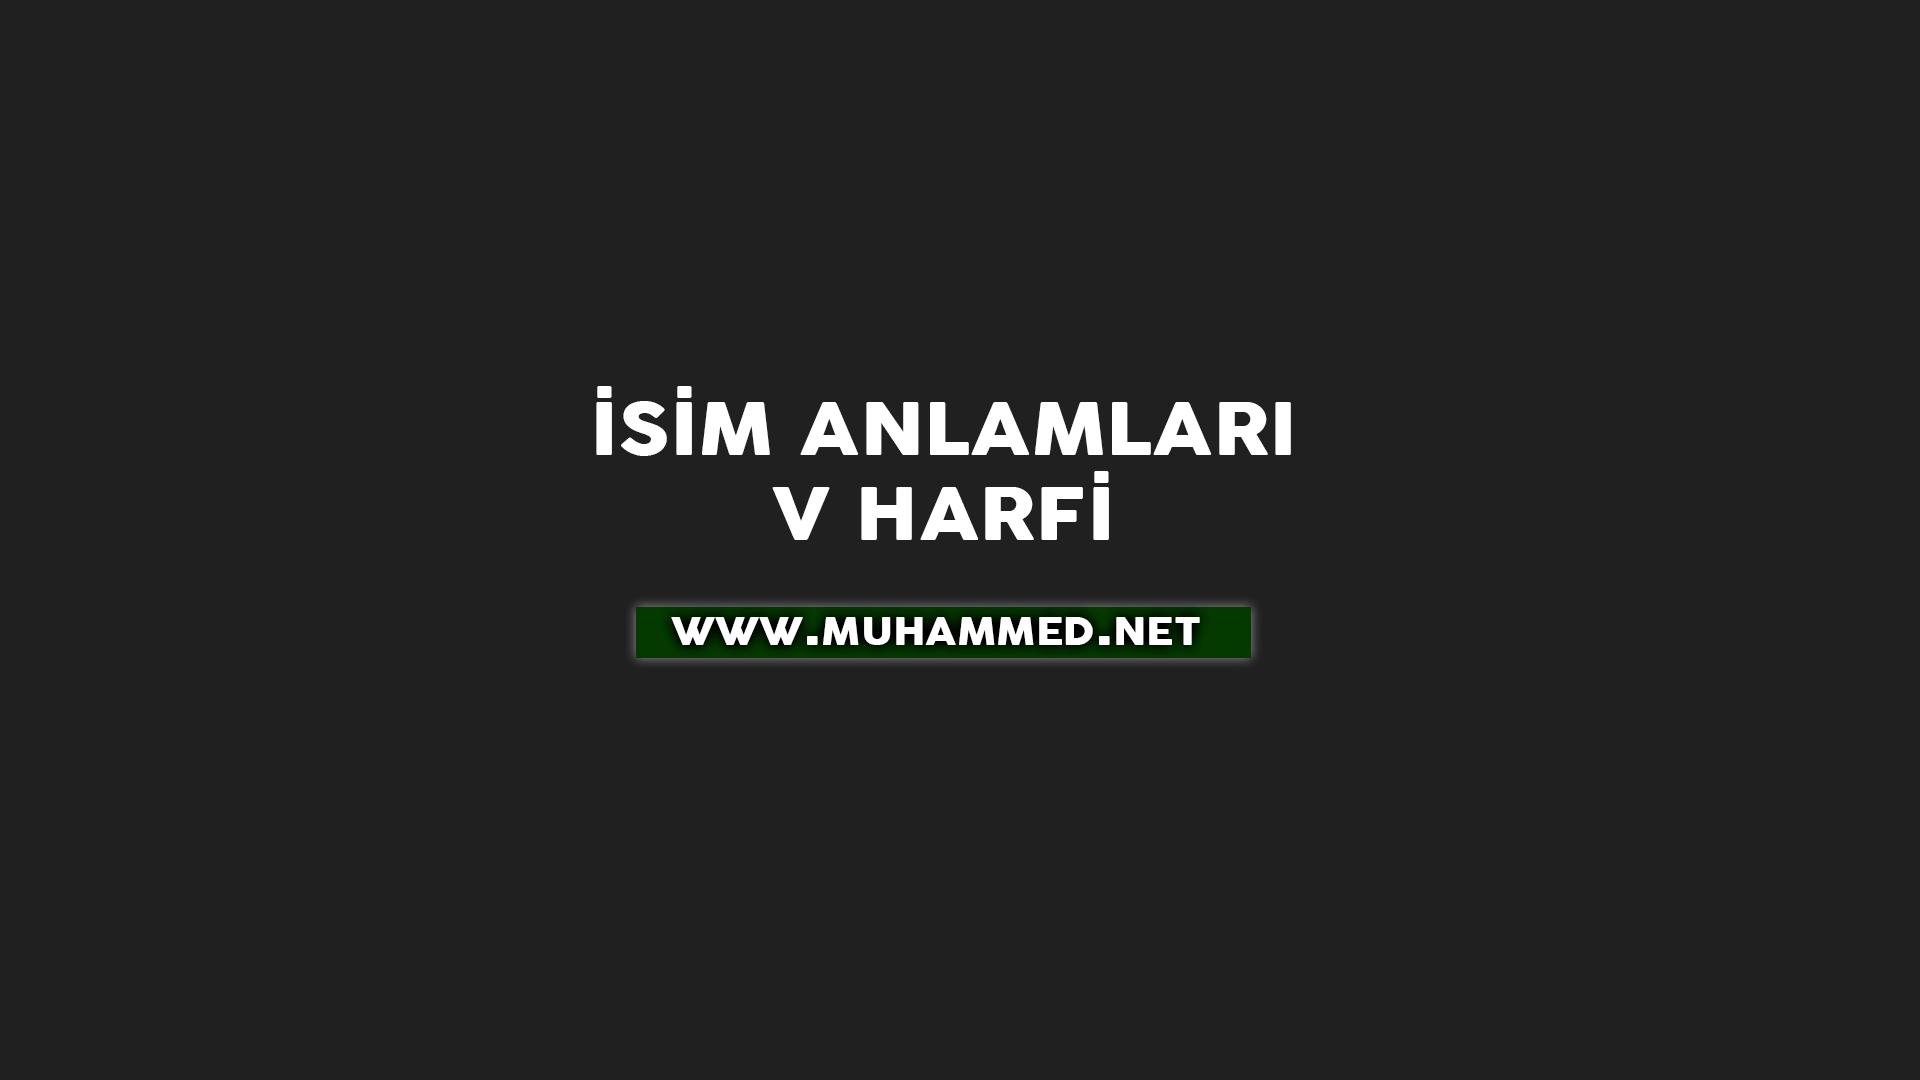 İsim Anlamları - V Harfi